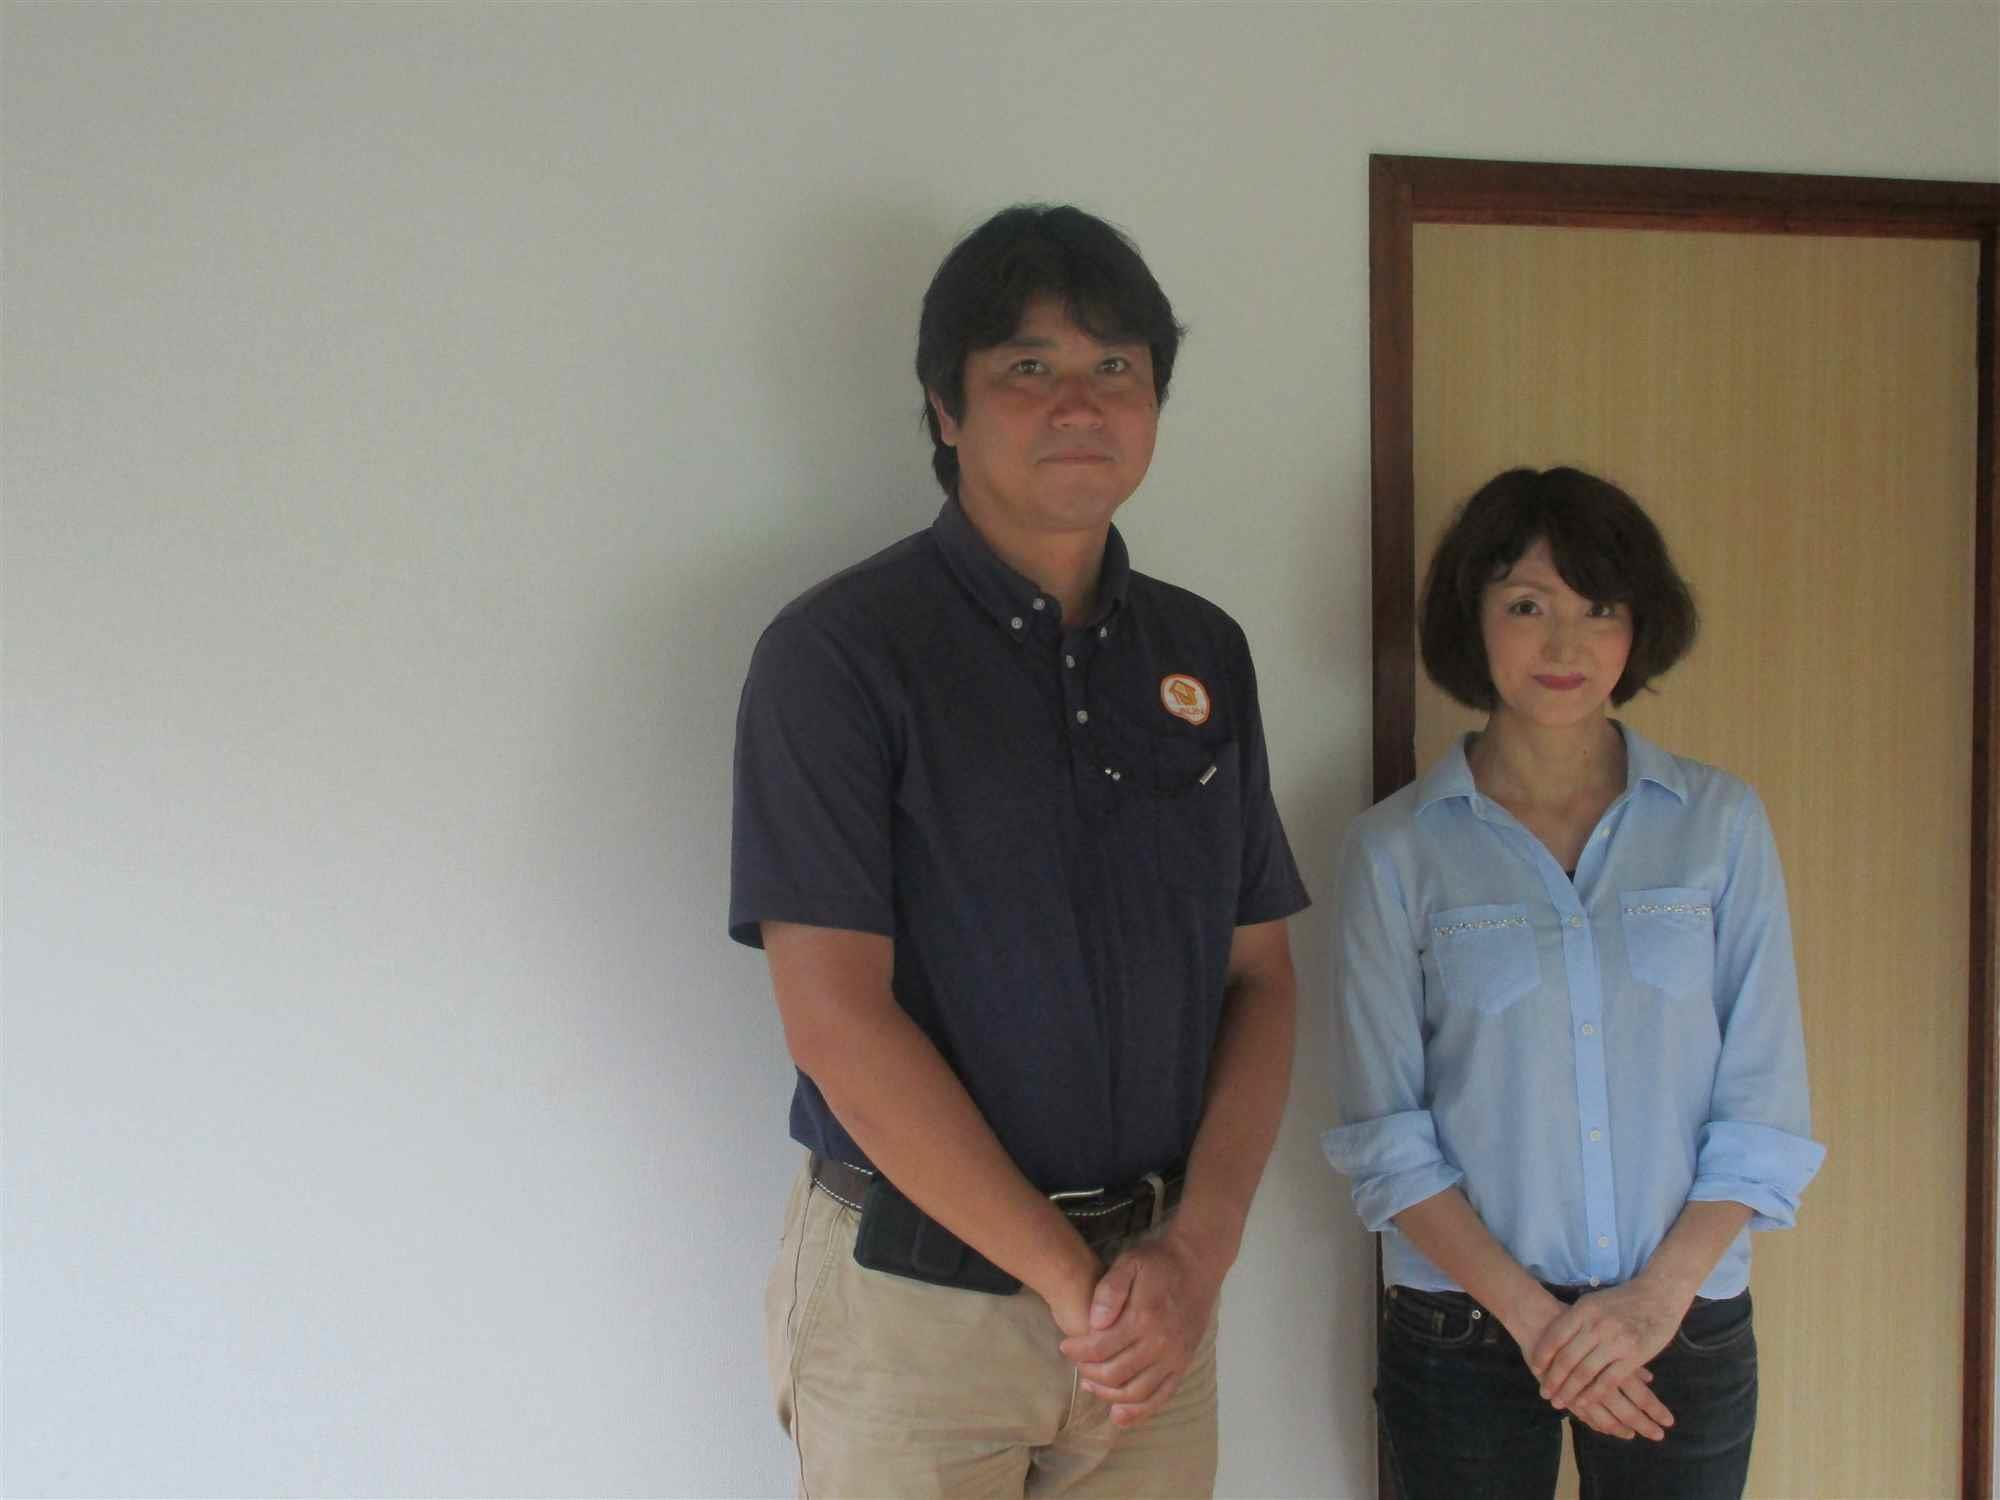 沖縄・那覇のリフォーム 実際のお客様の写真:対応が良かったのですぐに決めました。